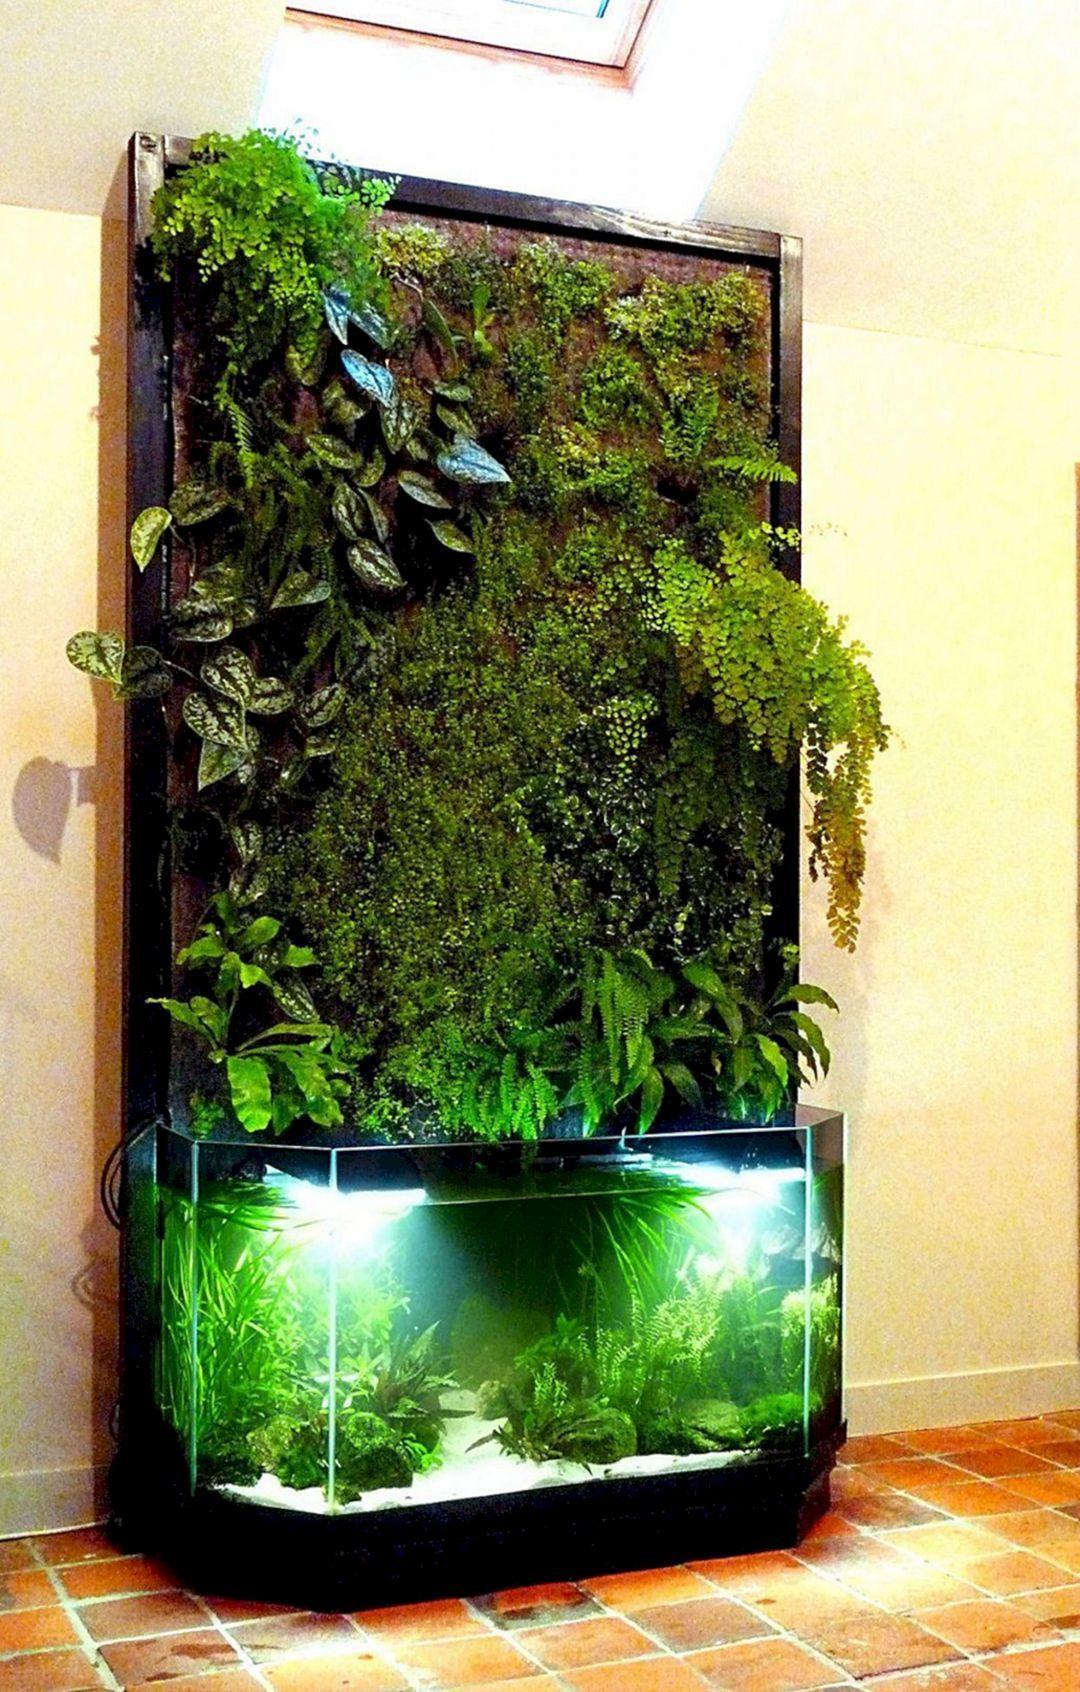 Home Aquarium Design Ideas: 17 Marvelous Home Interior Design With Indoor Aquarium